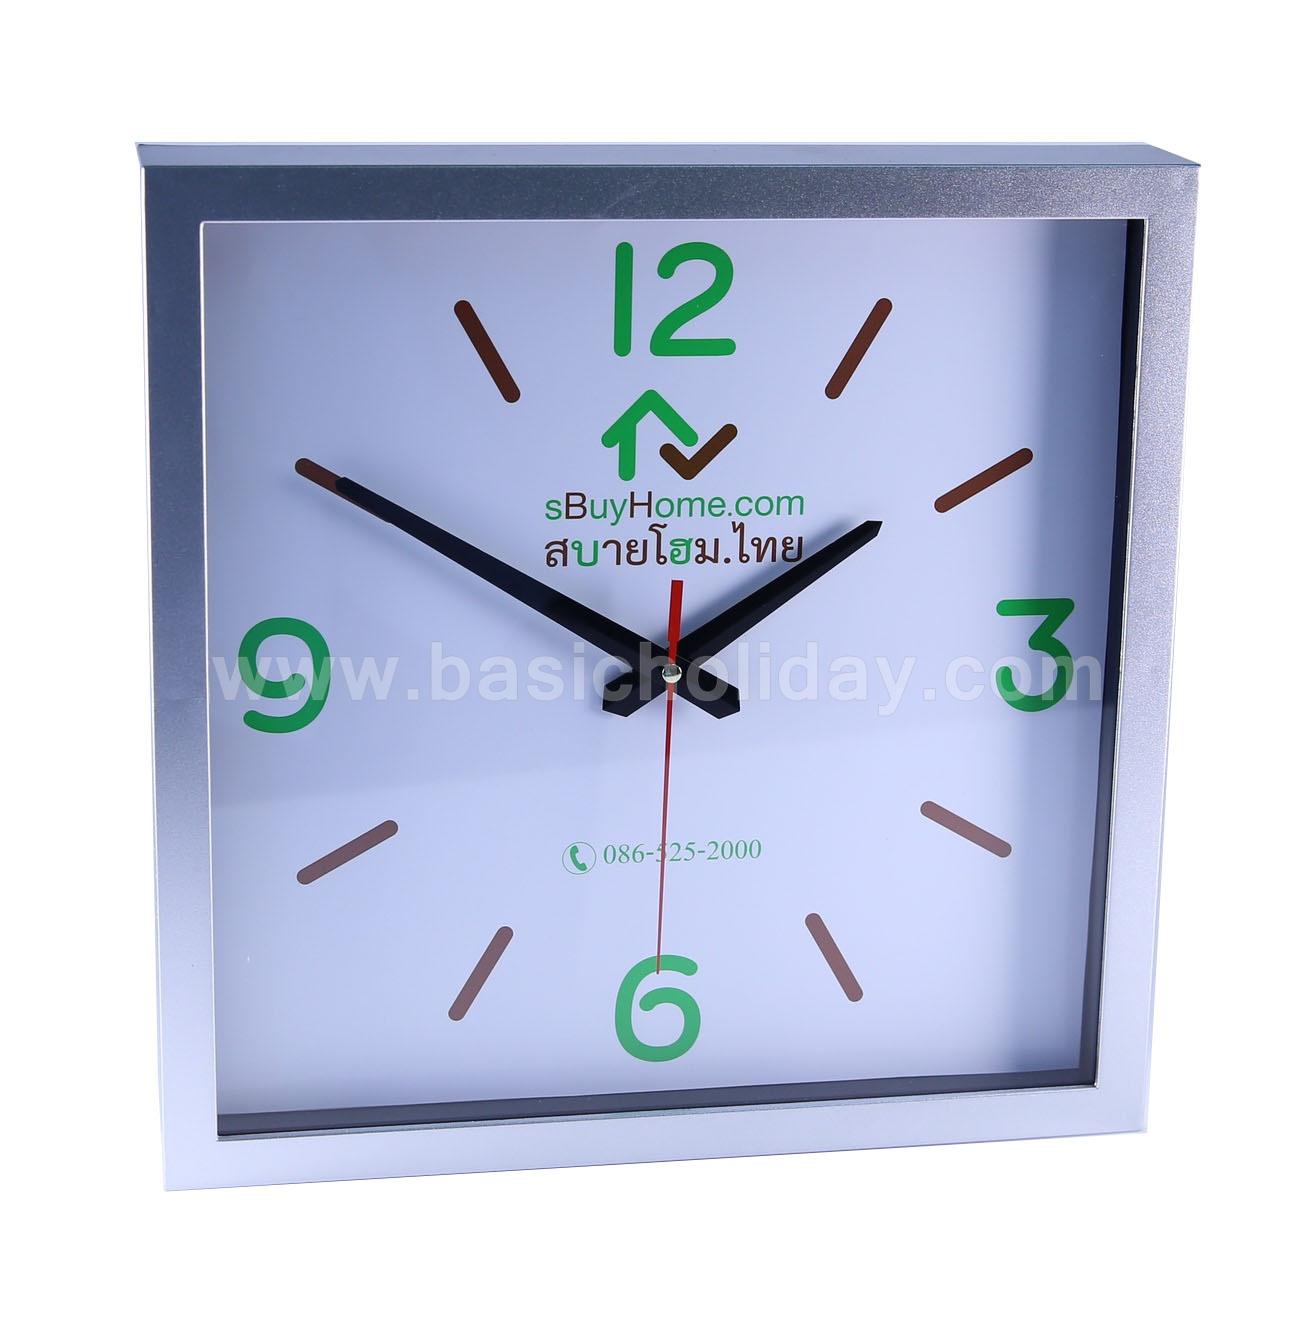 นาฬิกาติดผนัง นาฬิกาปลุก นาฬิกาพรีเมี่ยม นาฬิกาที่ระลึก นาฬิกาใส่โลโก้ ทำของแจก ของขวัญ ที่ระลึก